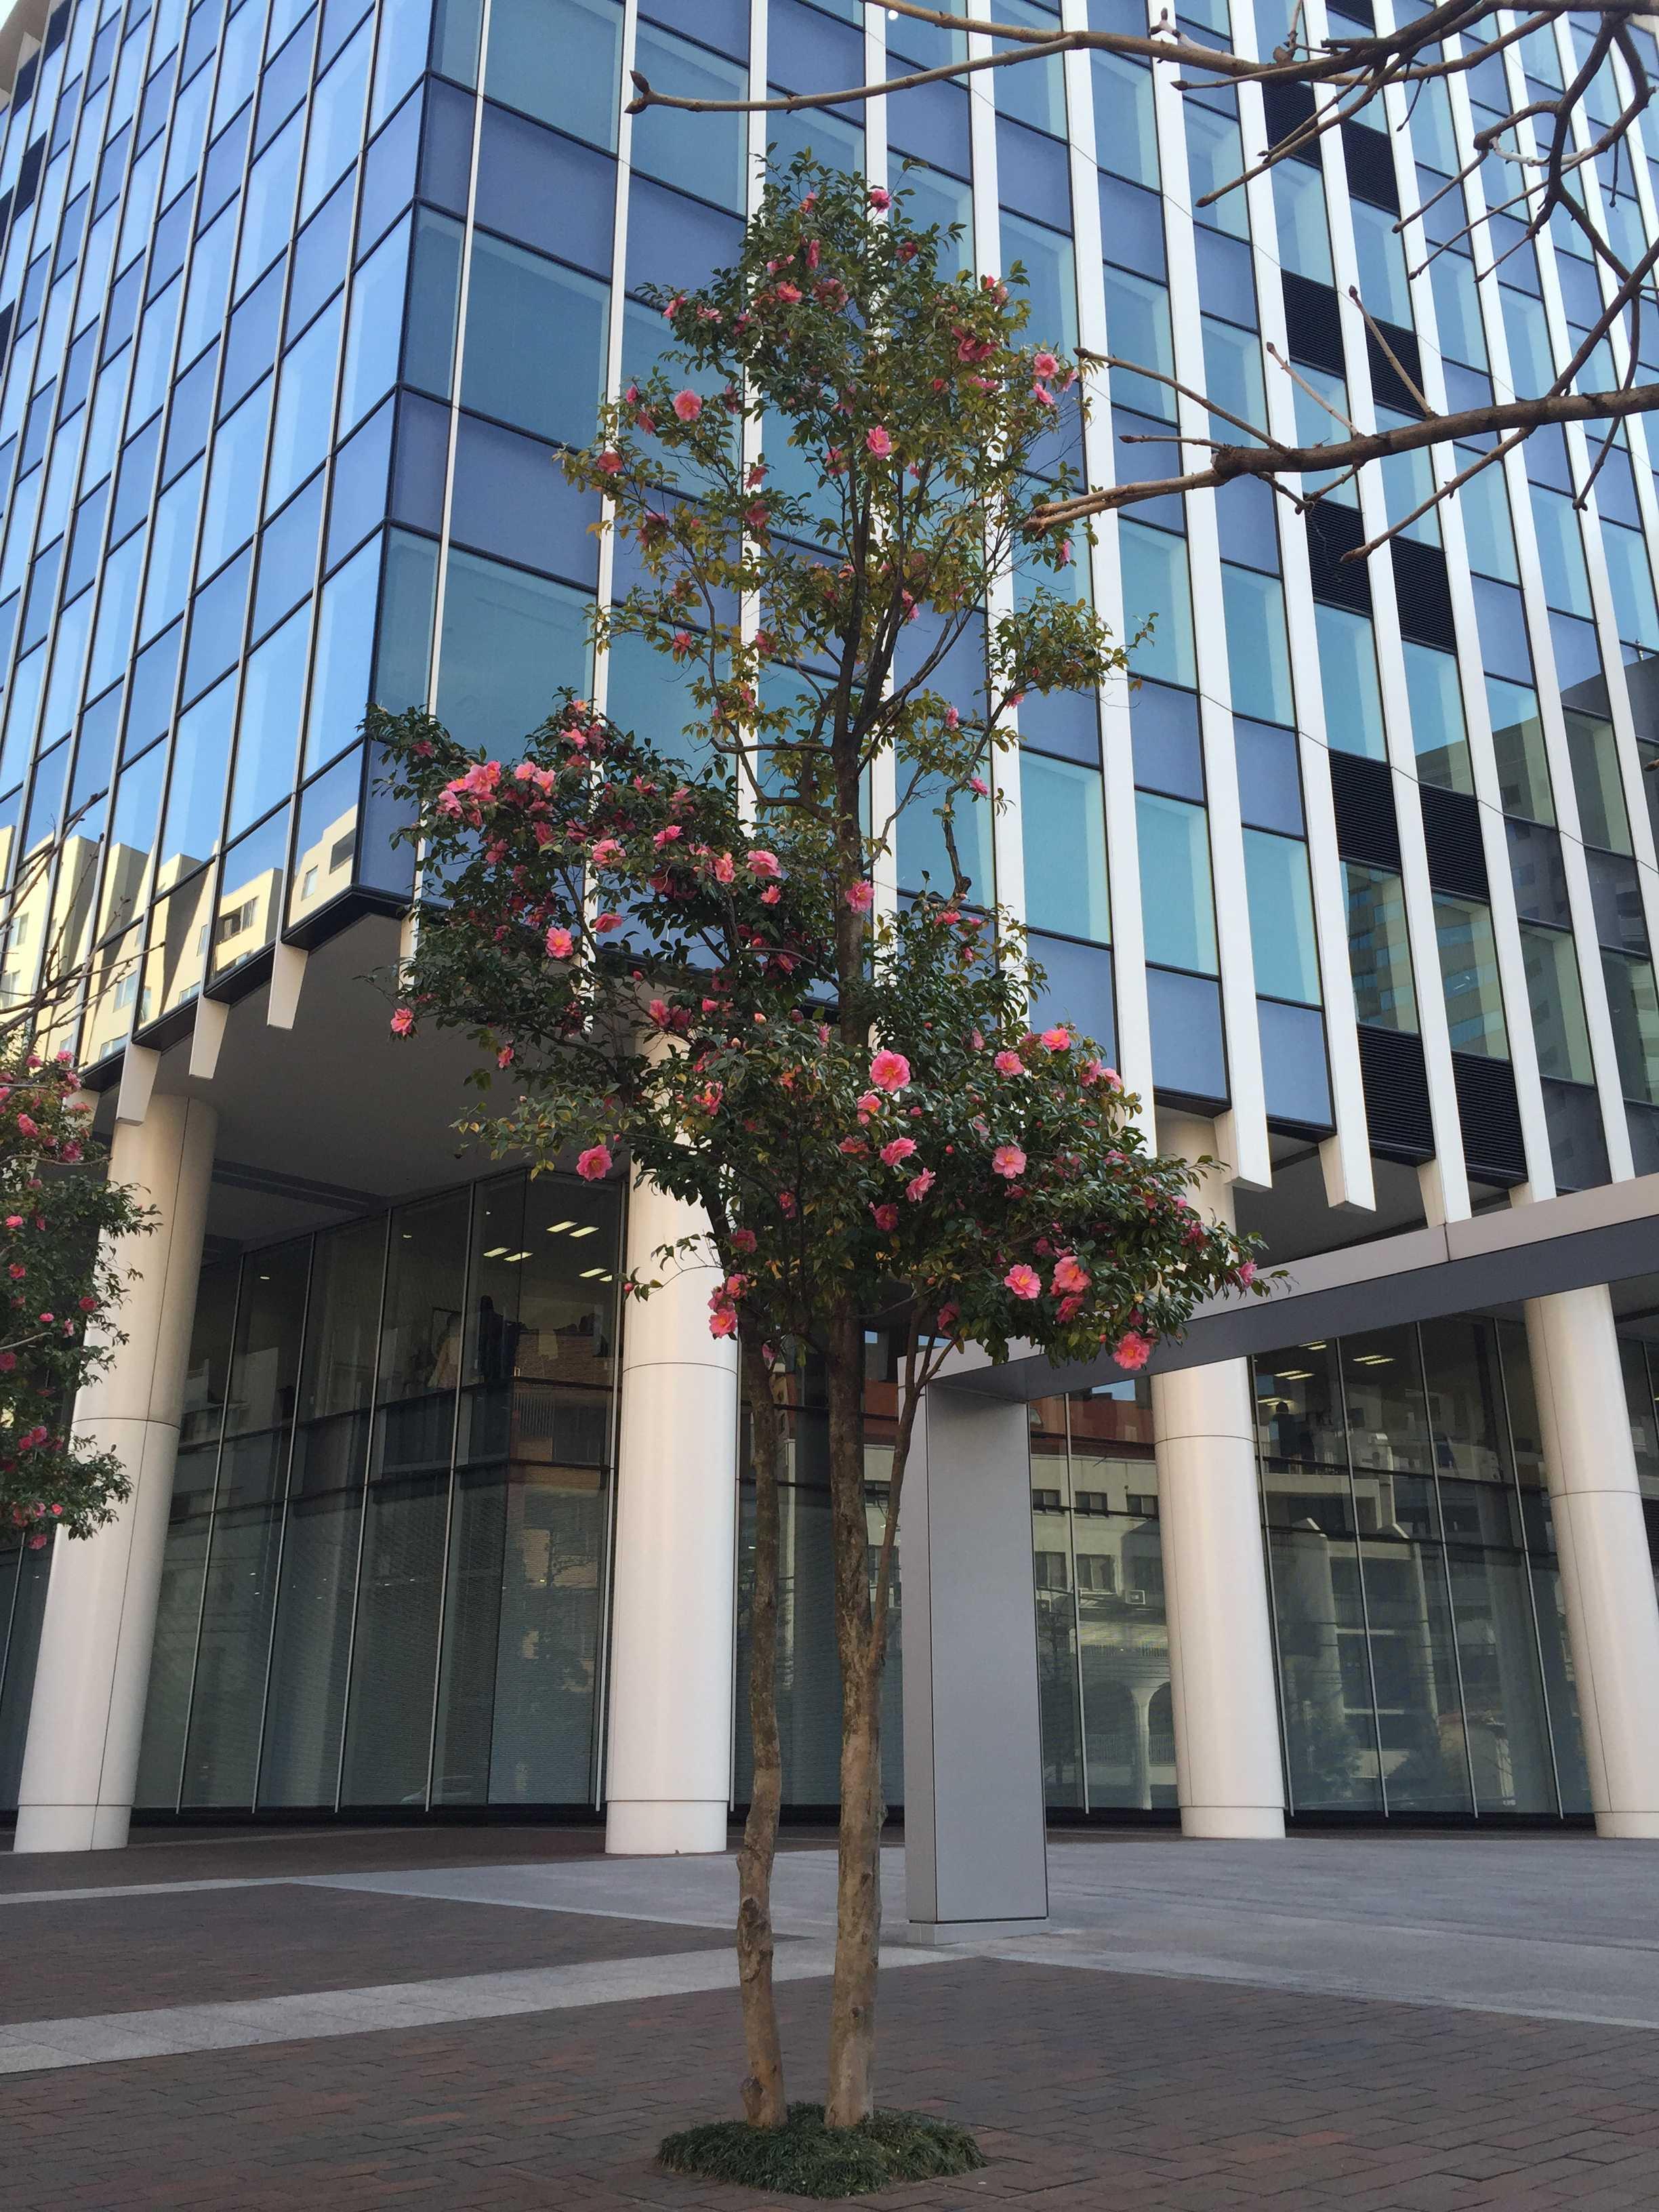 ベルギースクエアの二番町センタービル側の寒椿(春山茶花)